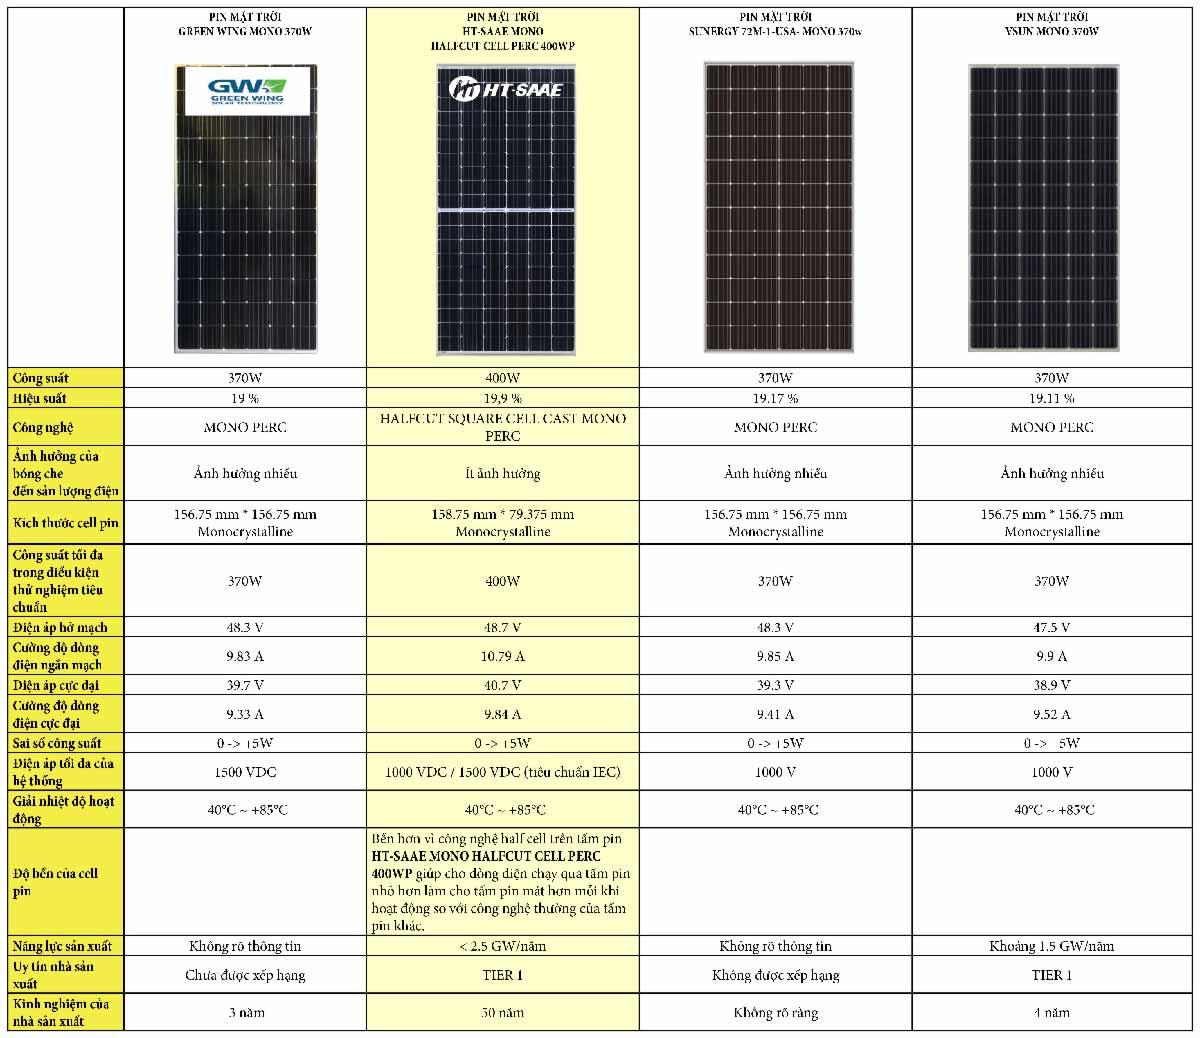 Thông-số-kĩ-thuật-của-một-số-tấm-pin-trên-thị-trường-và-pin-năng-lượng-mặt-trời-green-wing-370w